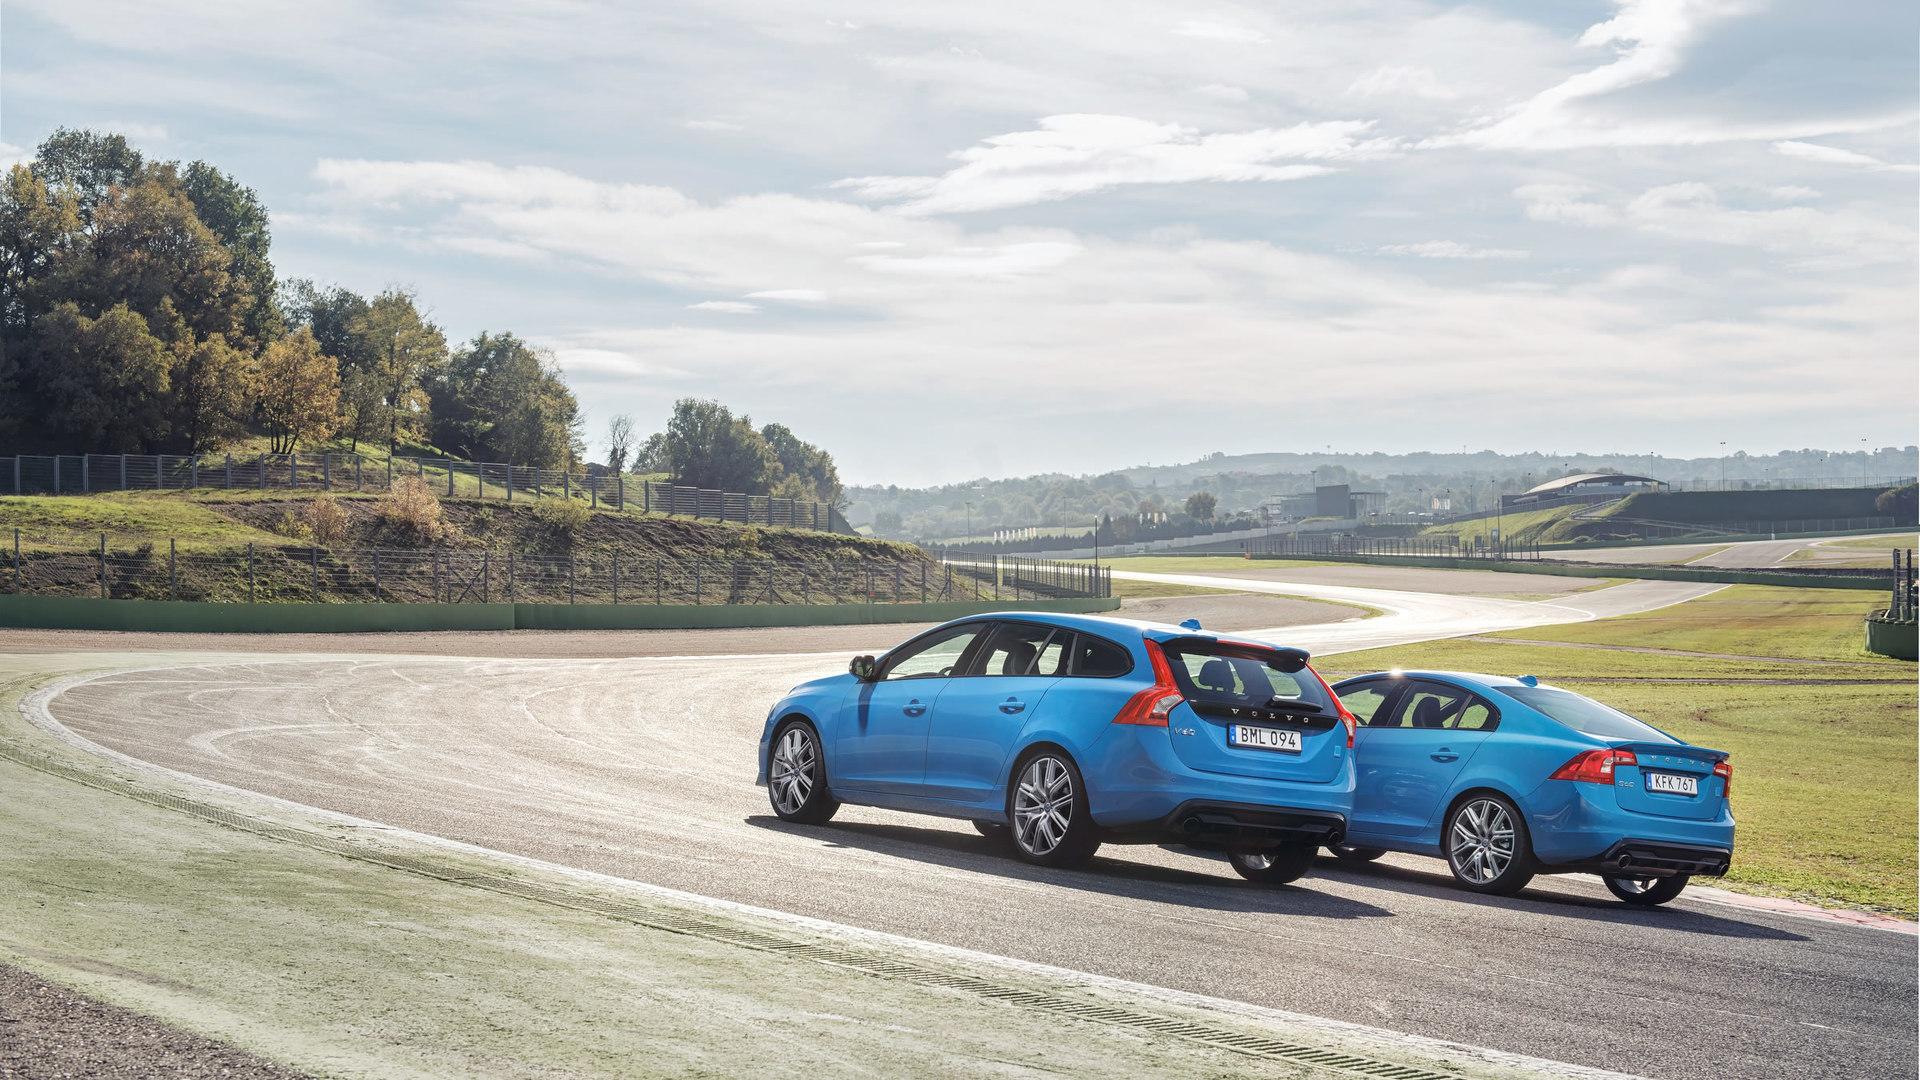 Stronger Volvo S60, V60 Polestar get 4-cylinder engine | Motor1.com